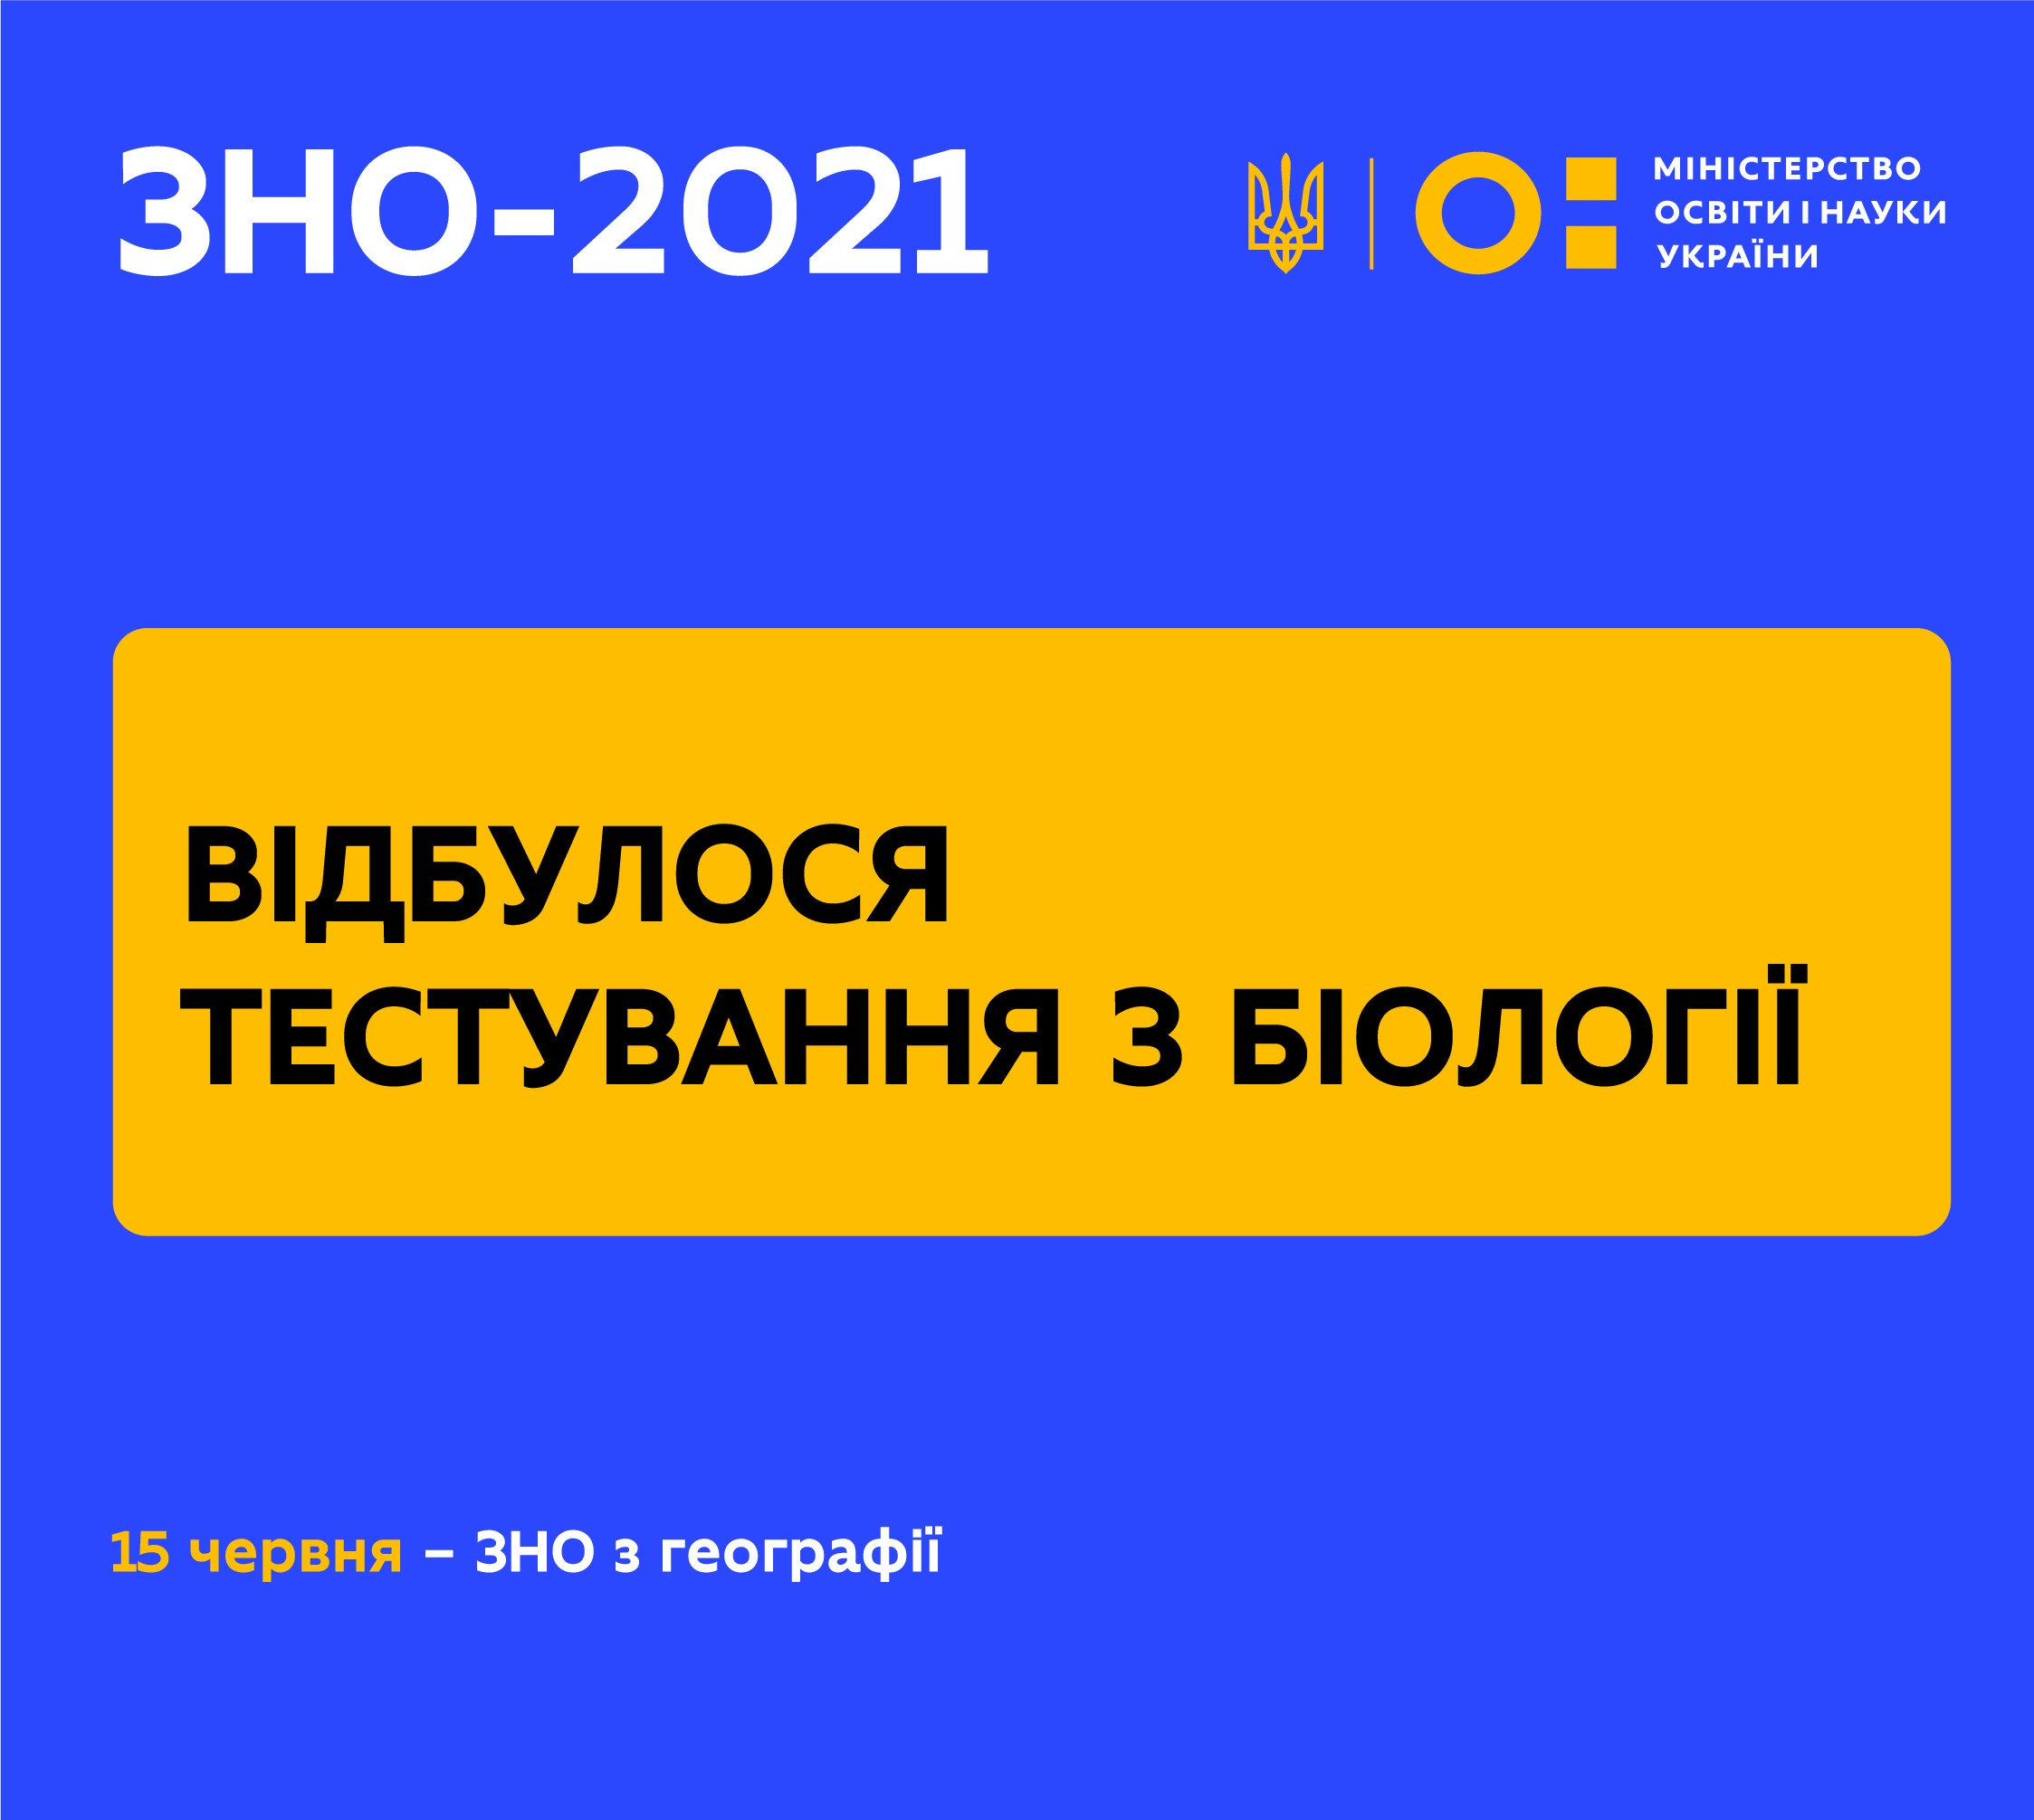 ЗНО-2021: ТЕСТУВАННЯ З БІОЛОГІЇ СКЛАДАЛИ БЛИЗЬКО 80 ТИСЯЧ УЧАСНИКІВ